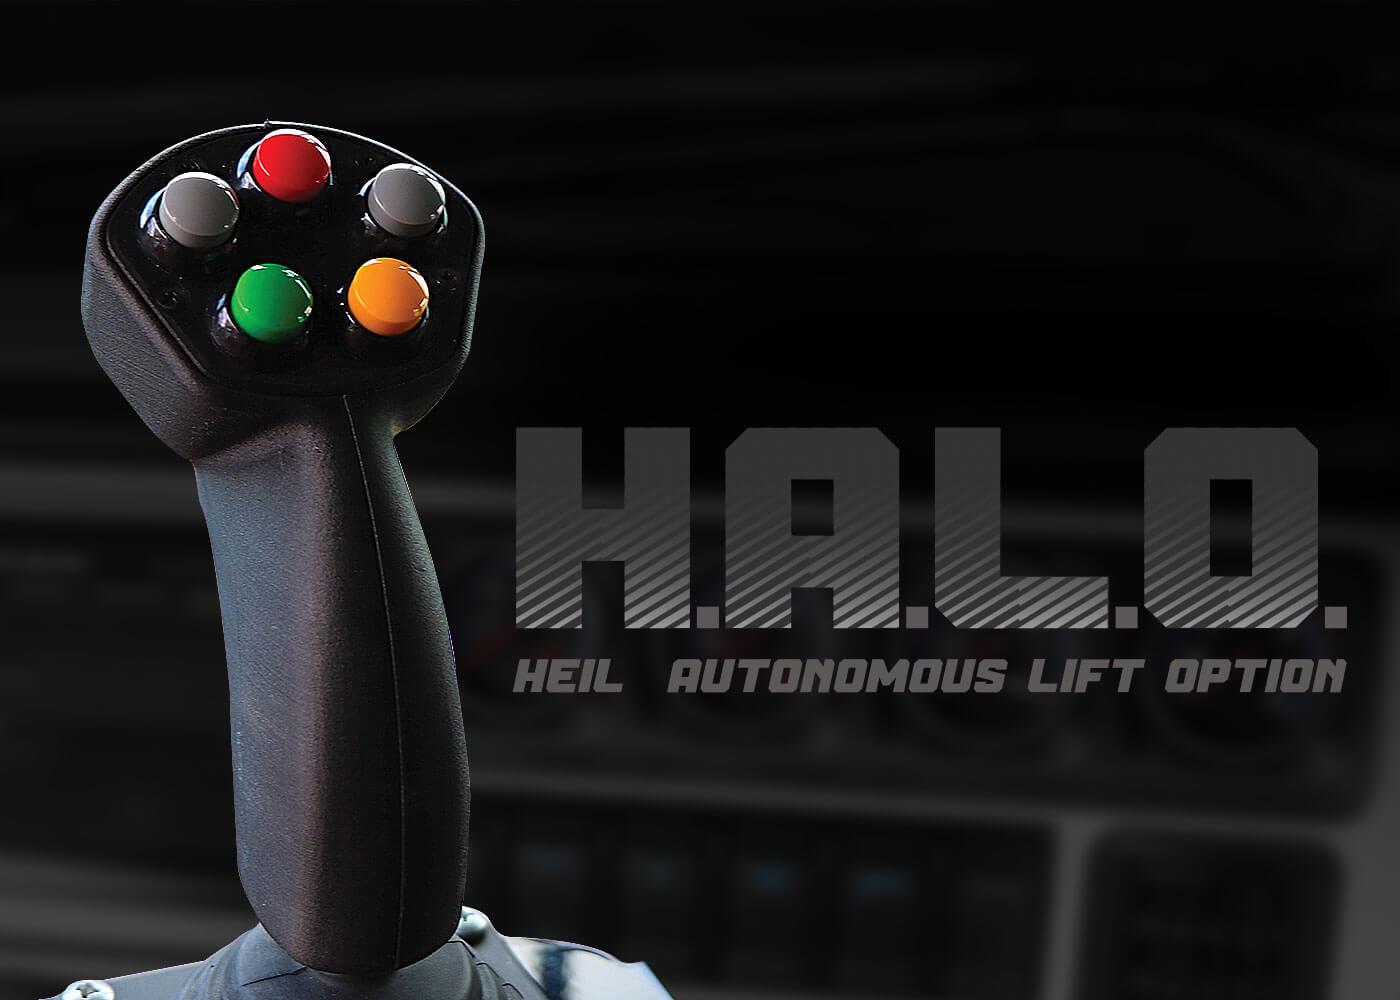 H.A.L.O.